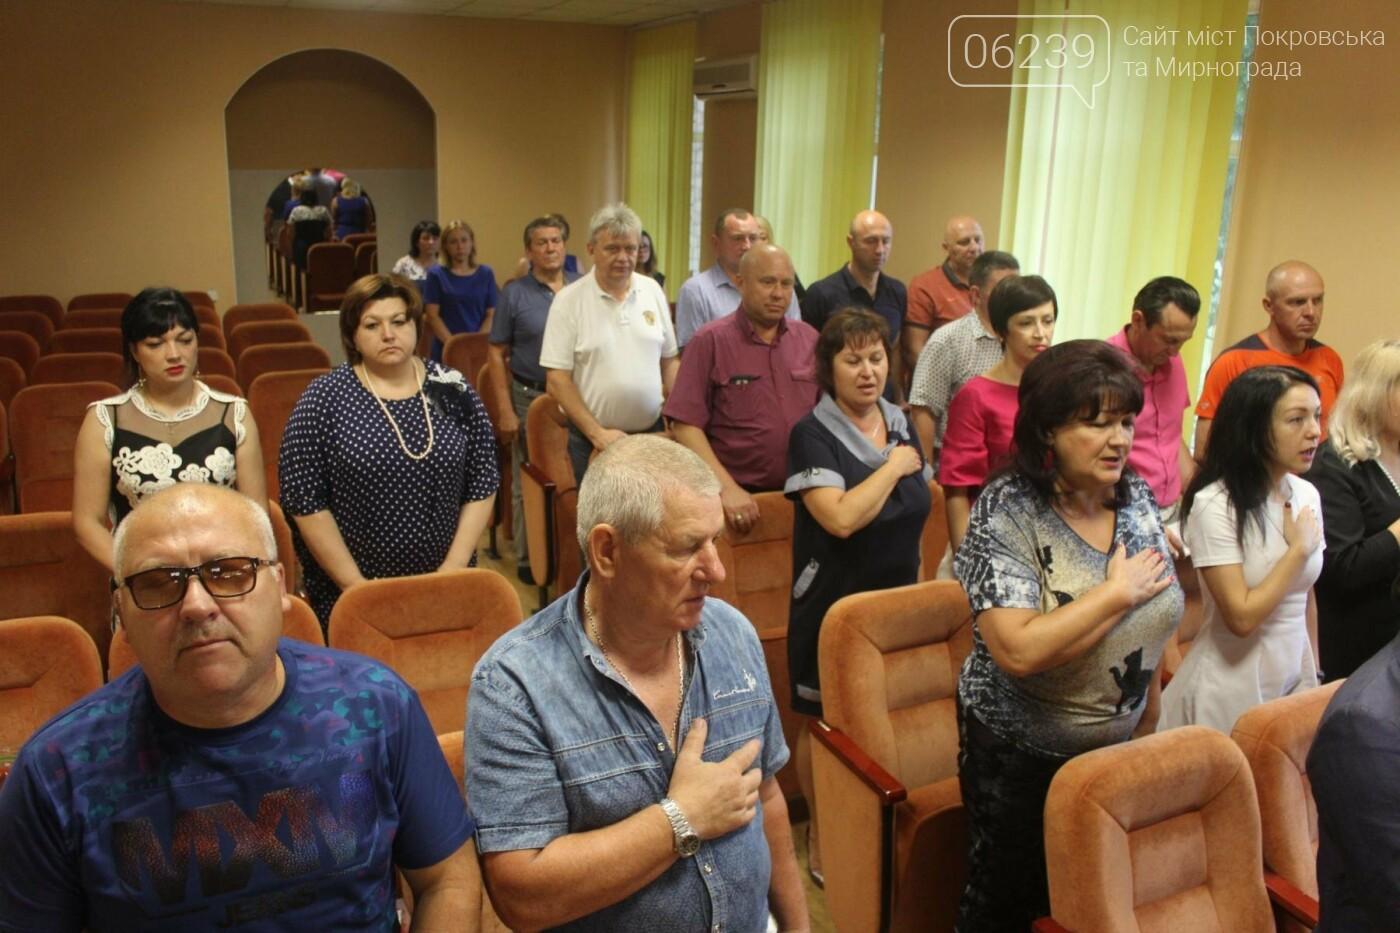 Изменения в бюджете и письмо министру: в Мирнограде состоялась 49-я сессия городского совета, фото-3